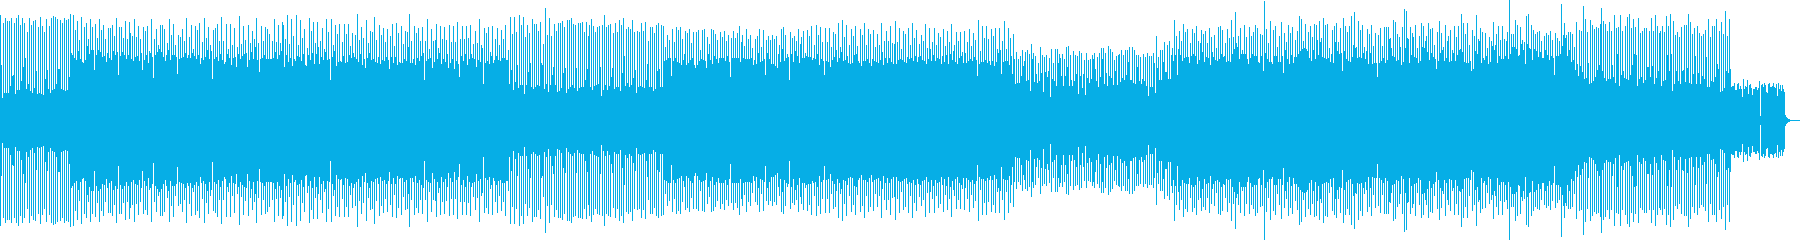 アグレッシブで楽しいミニマルテクノの再生済みの波形